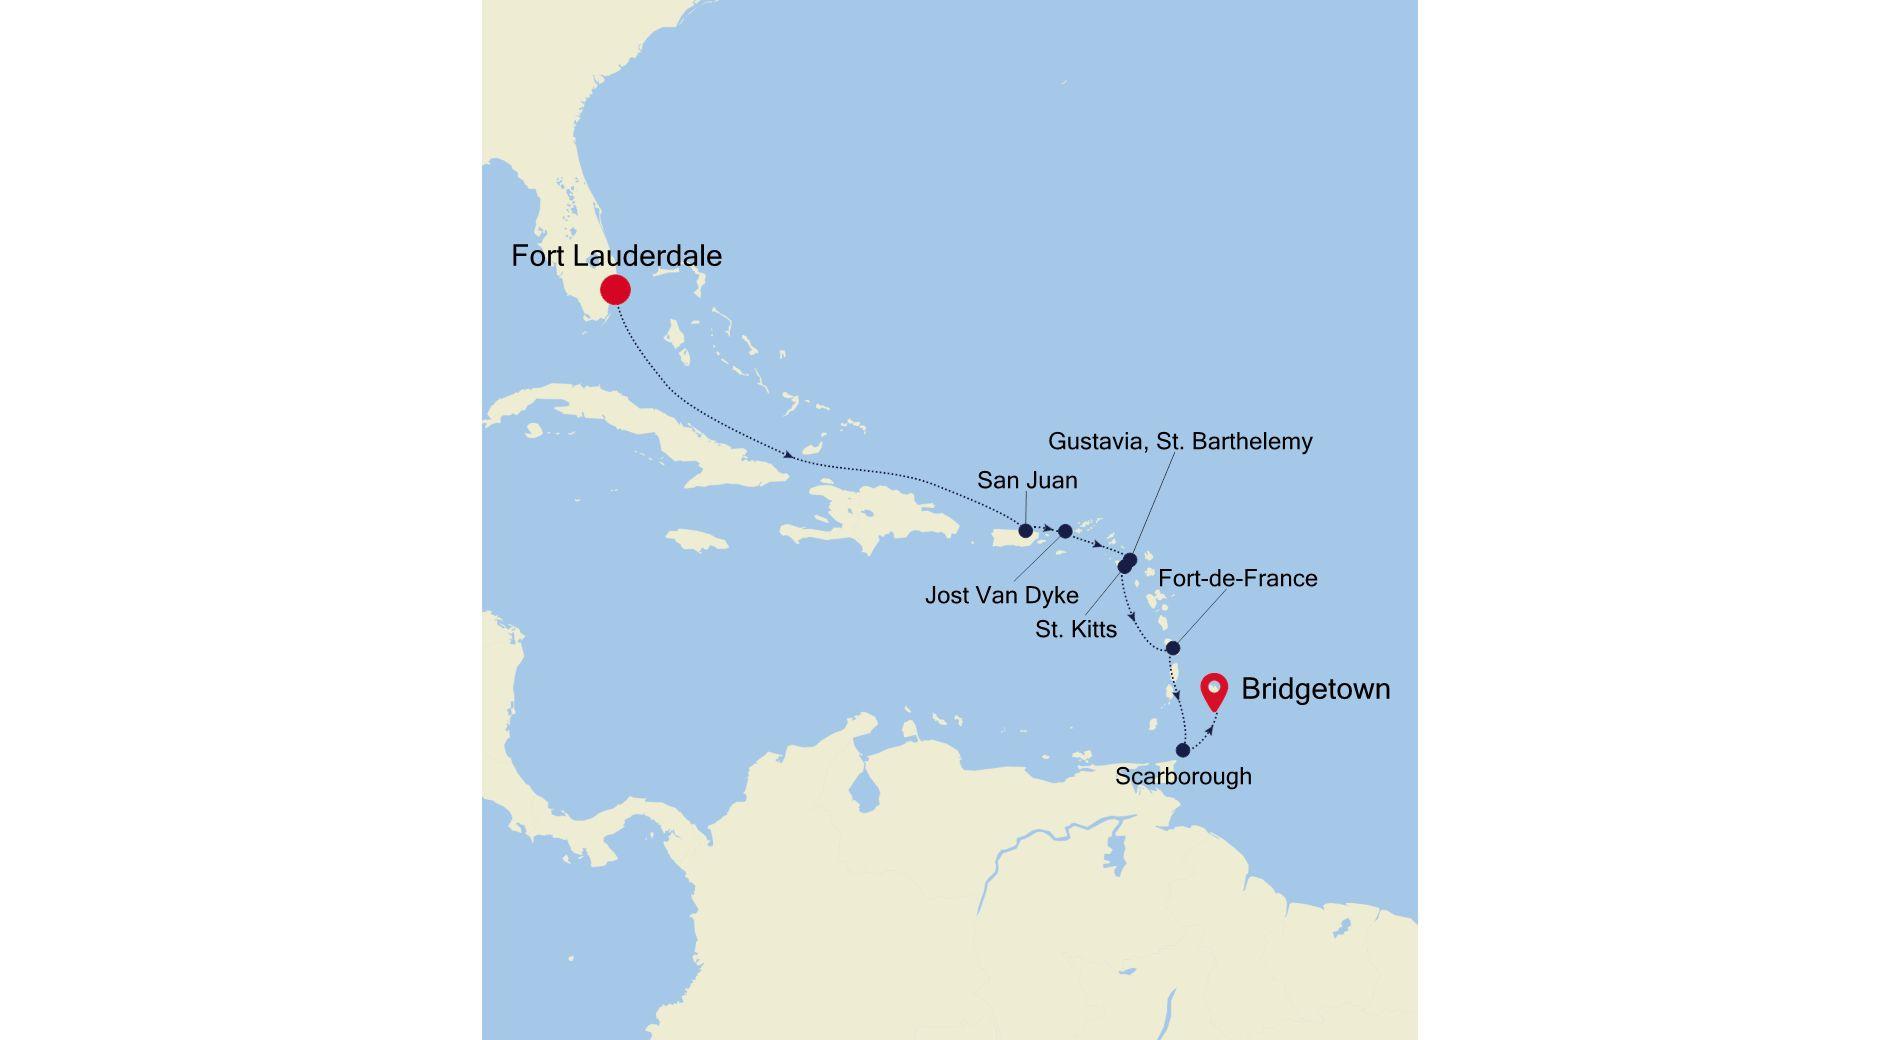 WH211217010 - Fort Lauderdale a Bridgetown